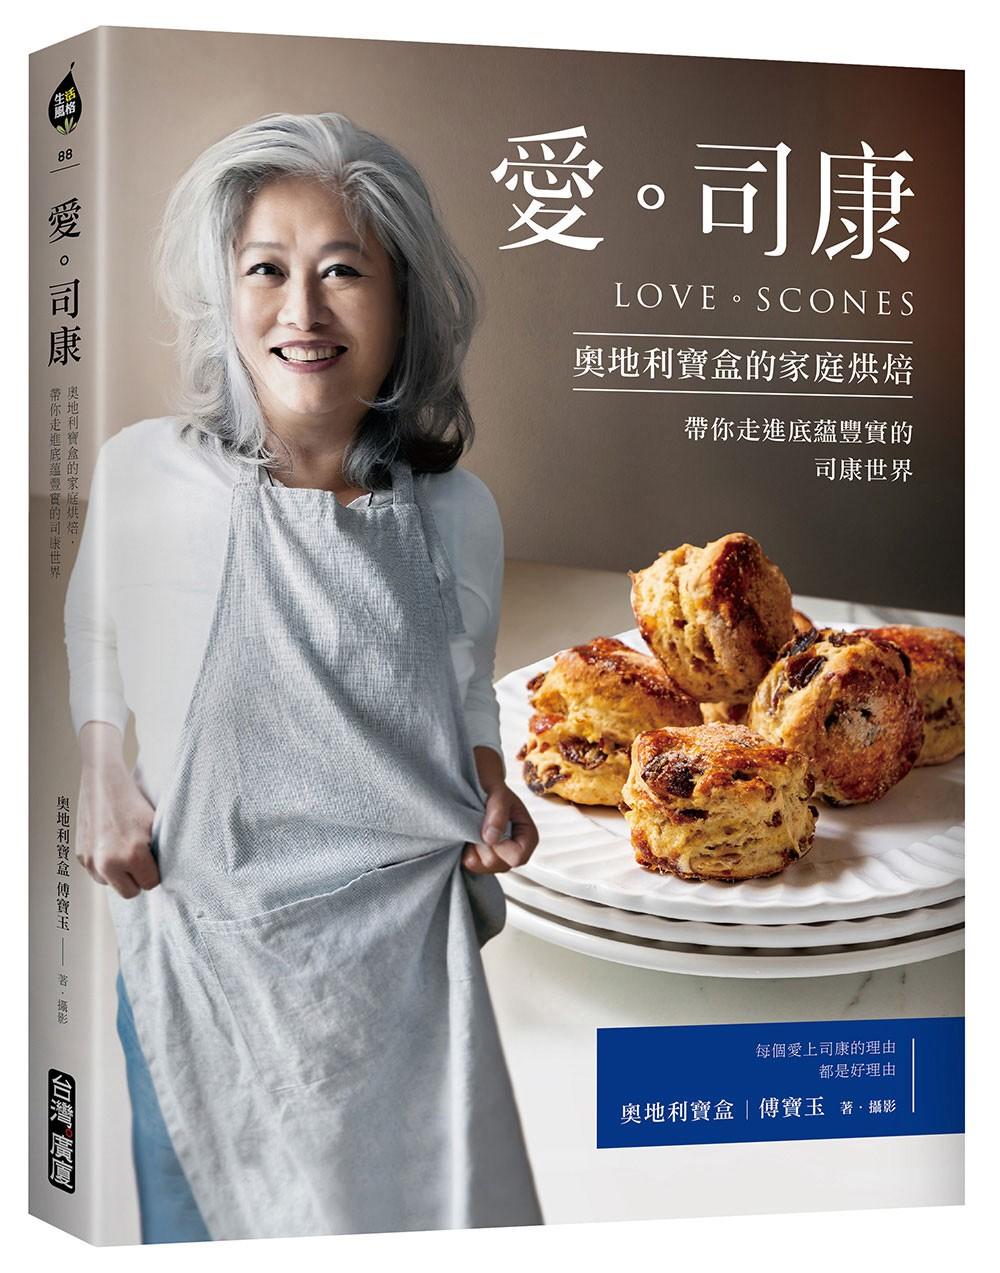 愛。司康:奧地利寶盒的家庭烘焙.帶你走進底蘊豐實的司康世界